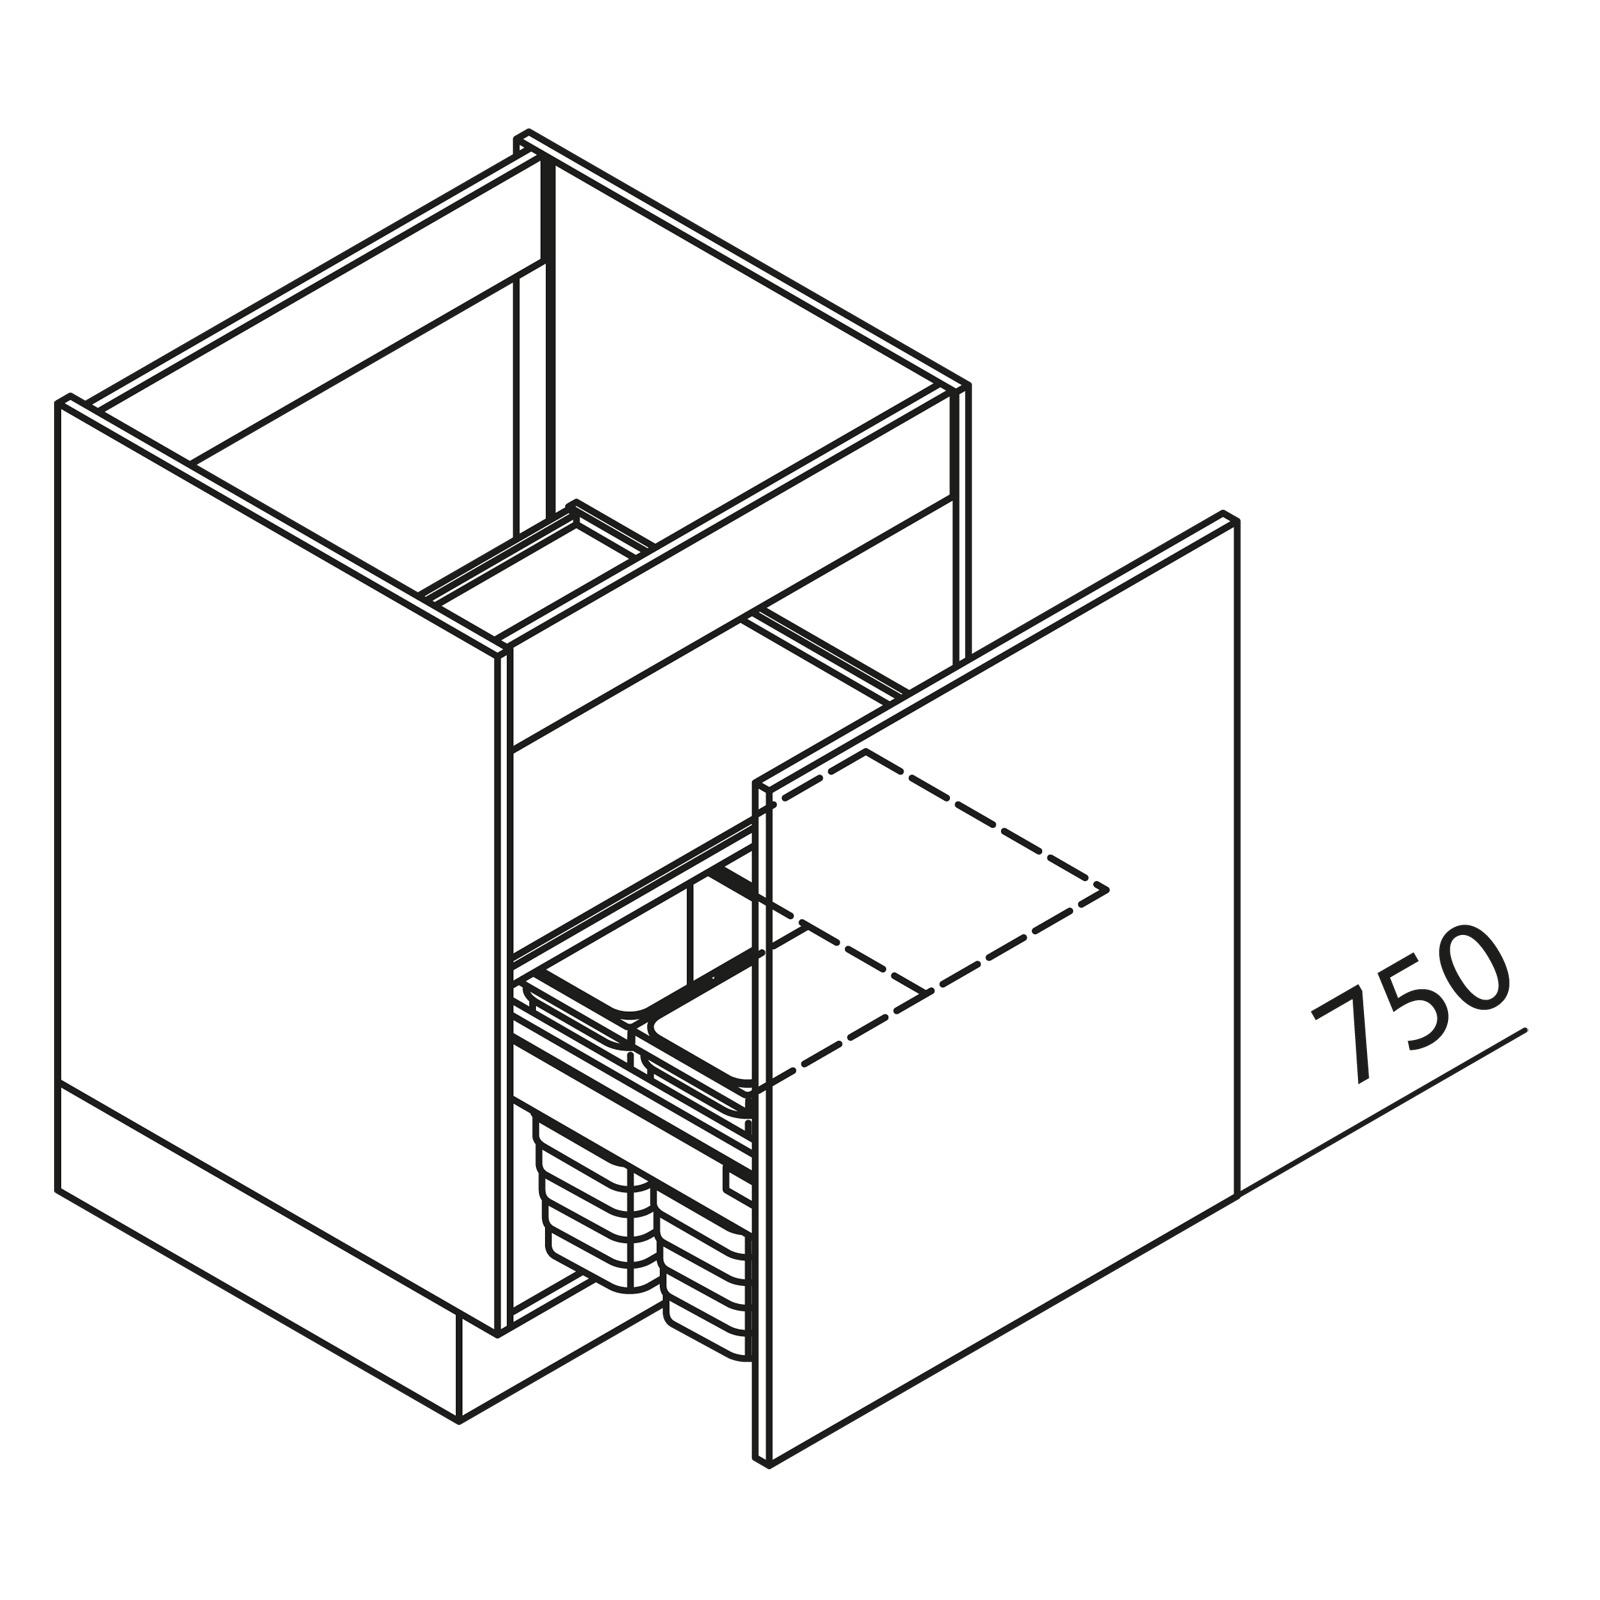 nolte k chen unterschrank sp lenschrank mit abfallsystem sabhd60 02. Black Bedroom Furniture Sets. Home Design Ideas